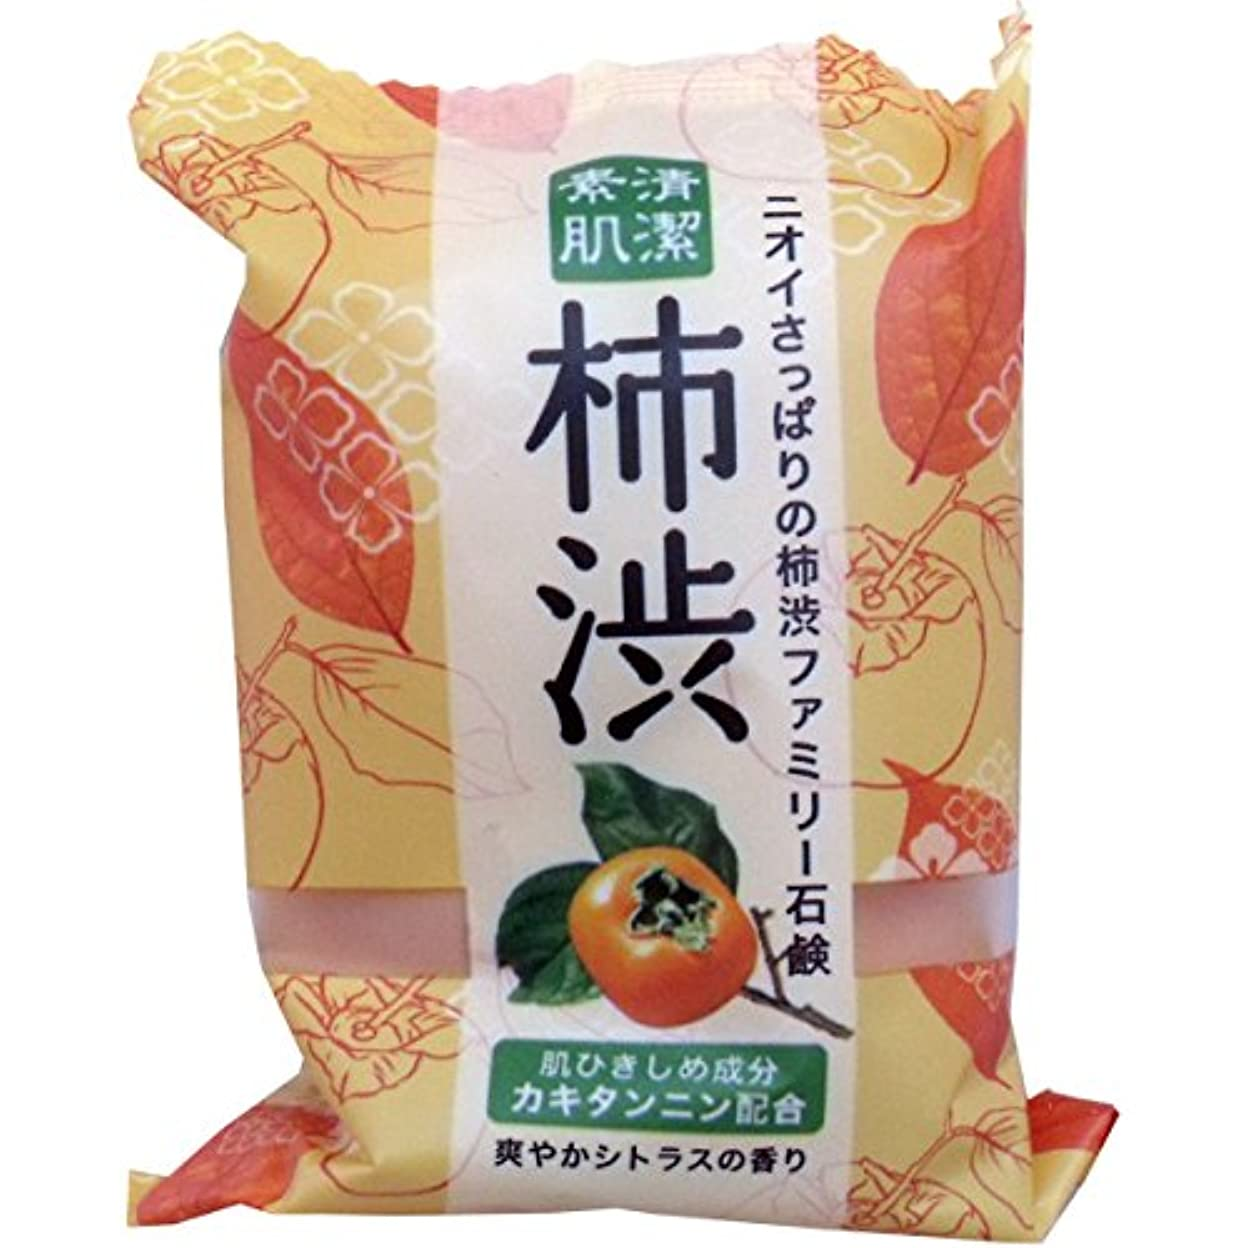 コモランマ書き出す注ぎますペリカン石鹸 ファミリー柿渋石鹸(1個) ×2セット